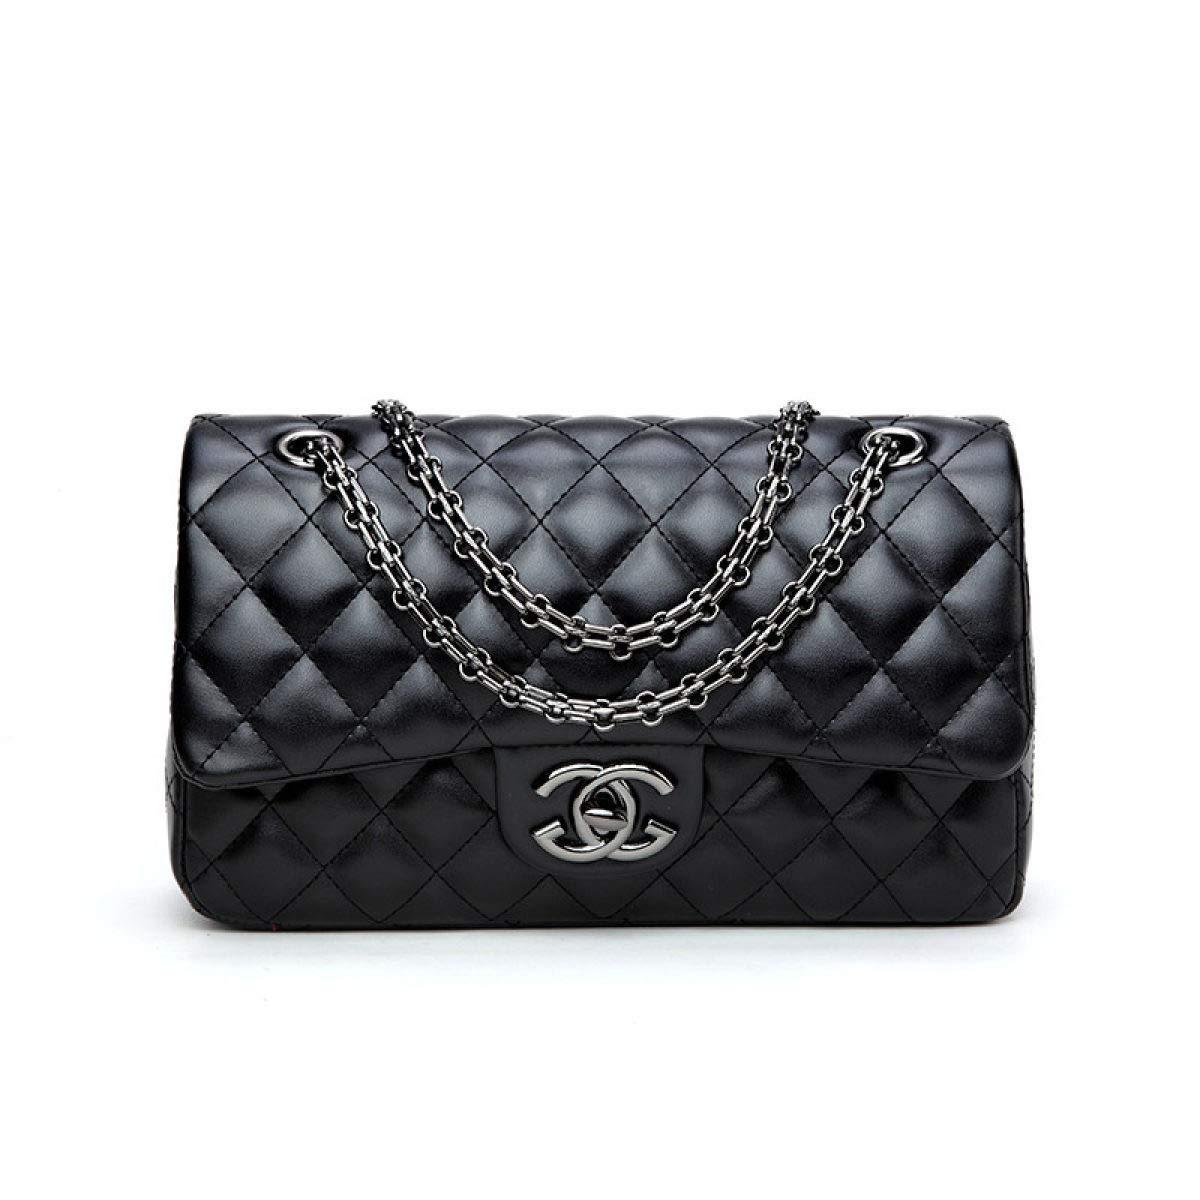 2018 Baby Frauen Handtaschen Umhängetasche Kette Schultertaschen Mode Mini Taschen Lingge Handtaschen28x16x8cm Black1-OneSize WJNKK